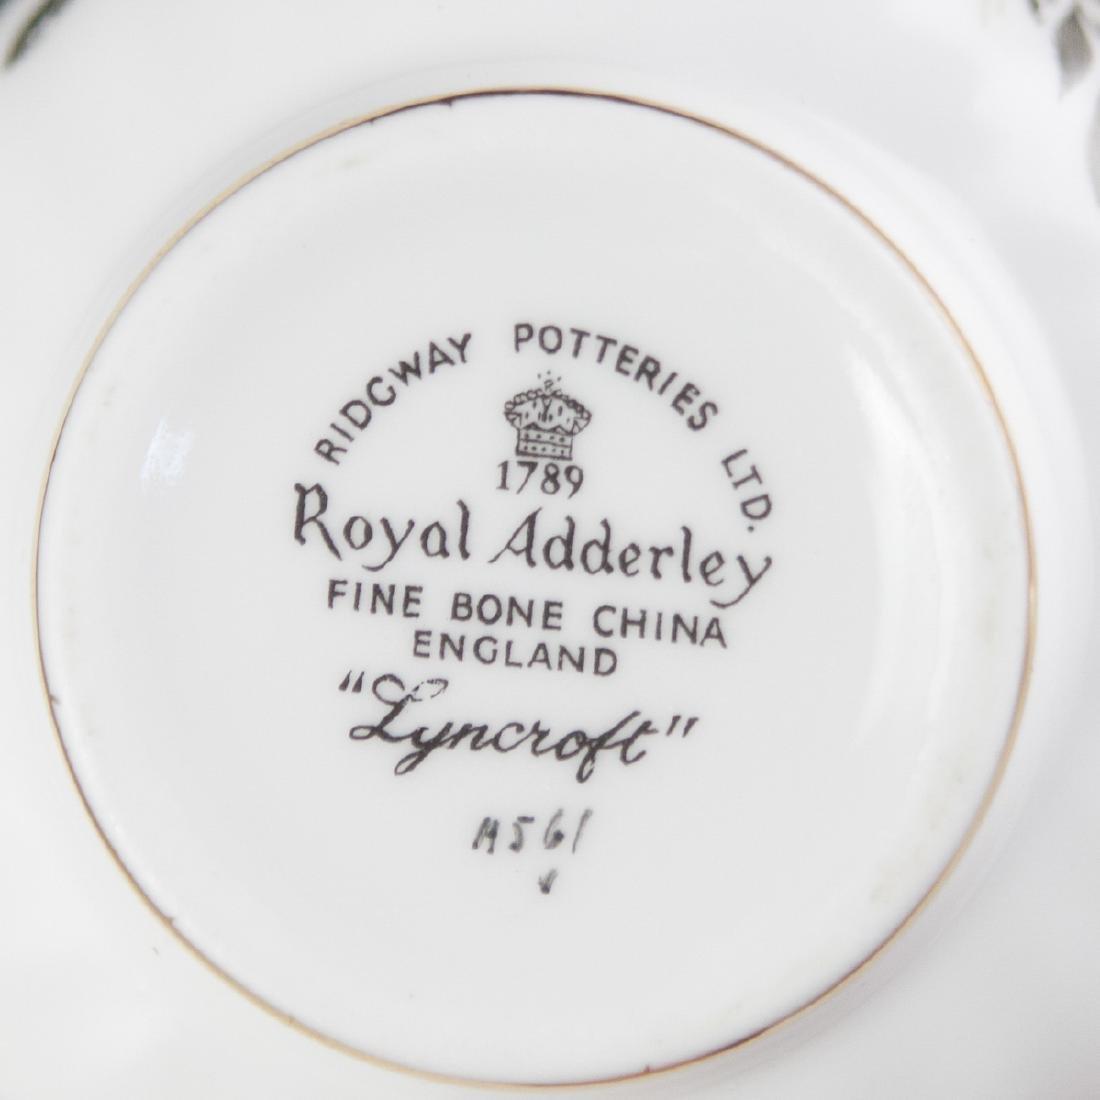 Vintage Porcelain Tea Cups - 4